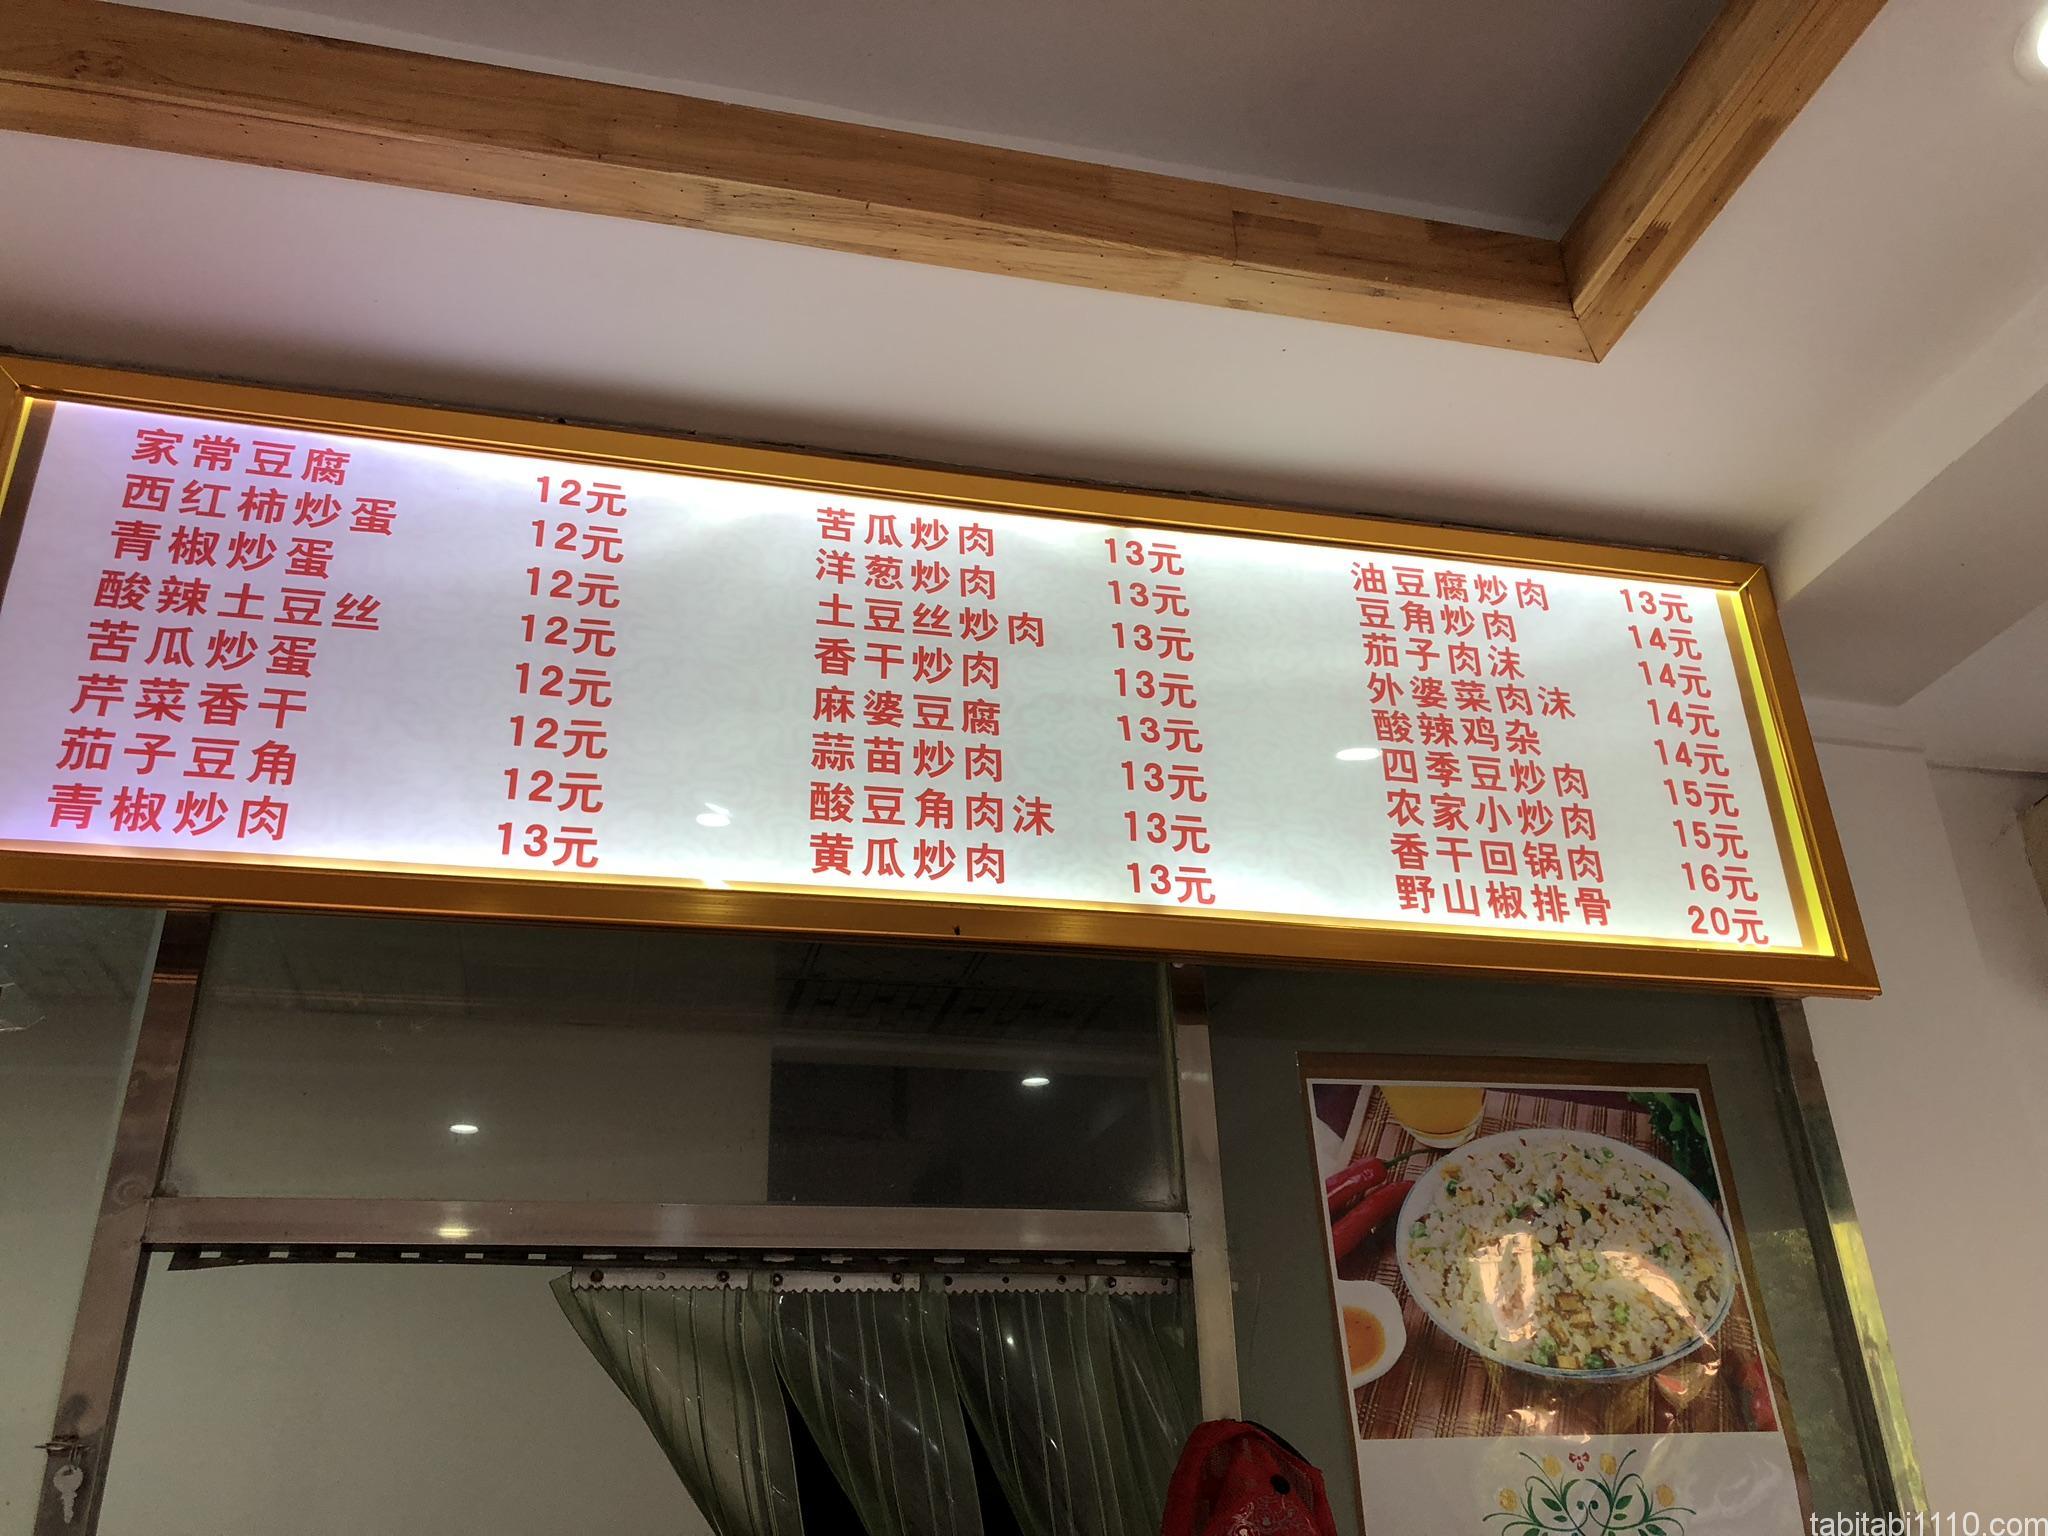 武陵源の食事|おすすめ中華料理店『牛灰汁』のメニュー